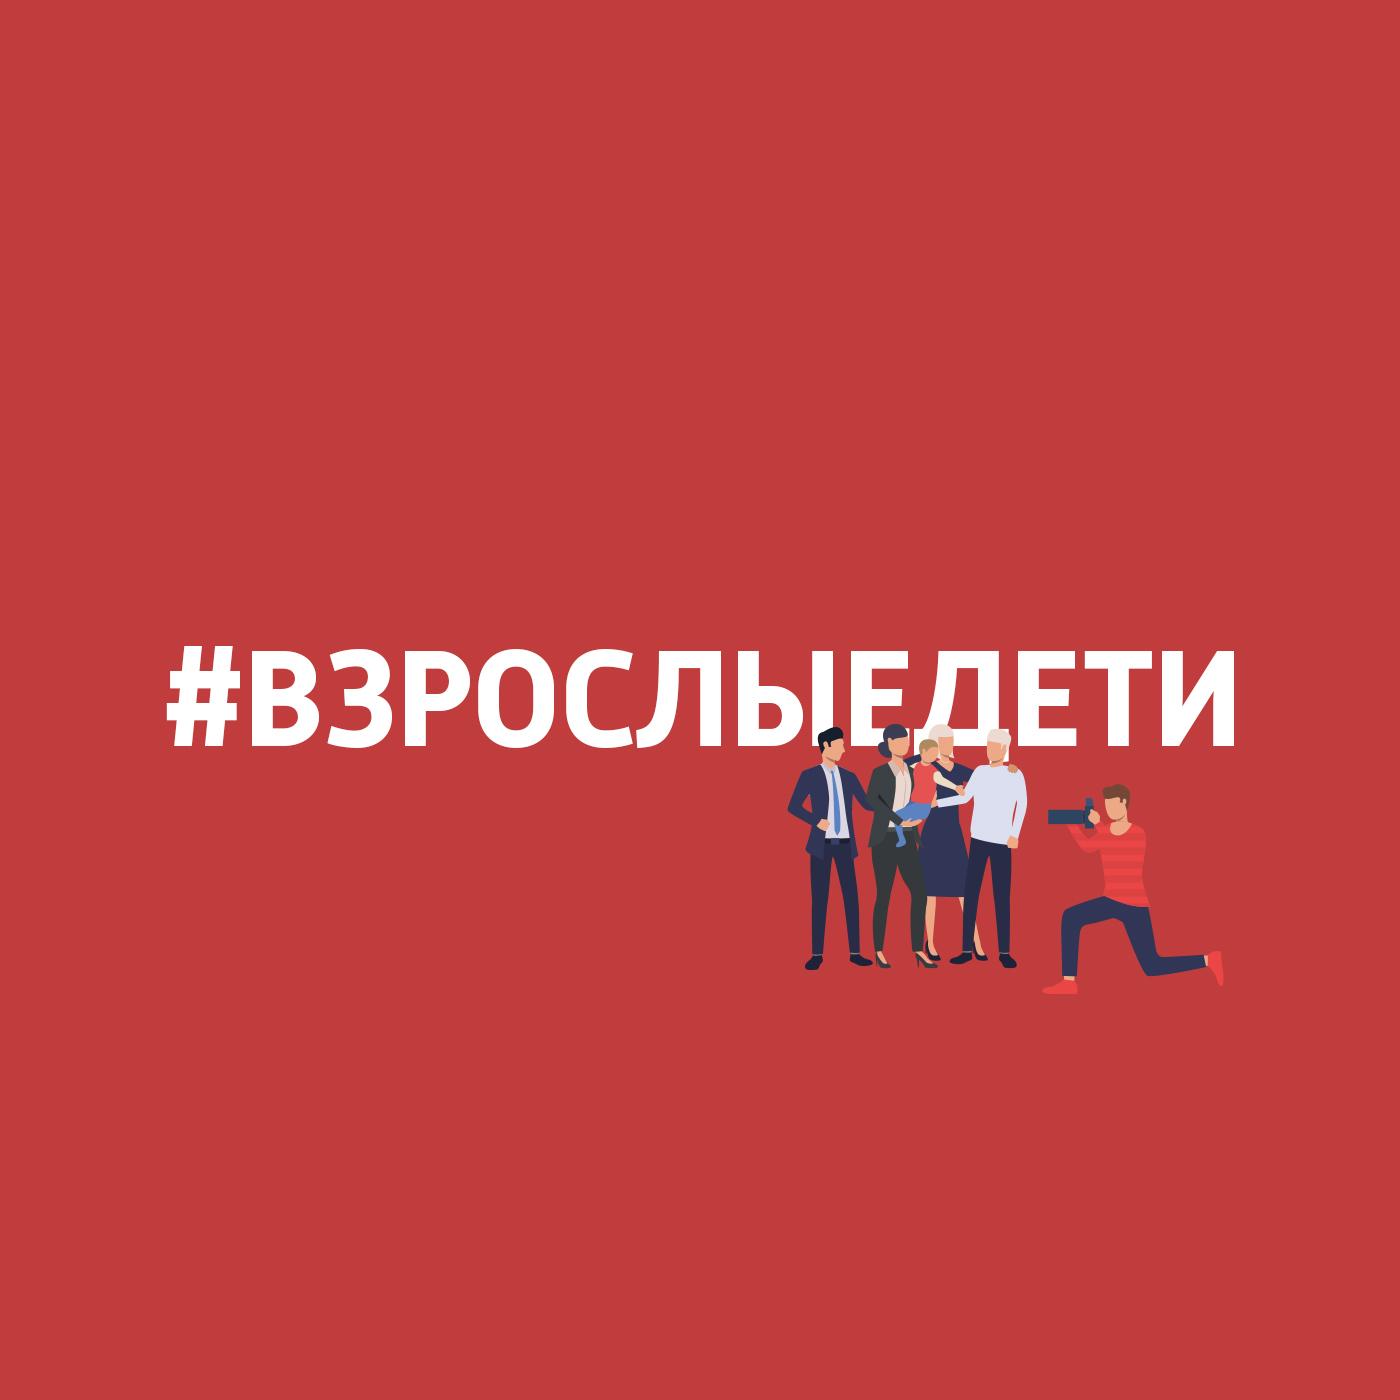 Маргарита Митрофанова Как стать уверенным в себе? маргарита митрофанова софизмы и логические парадоксы